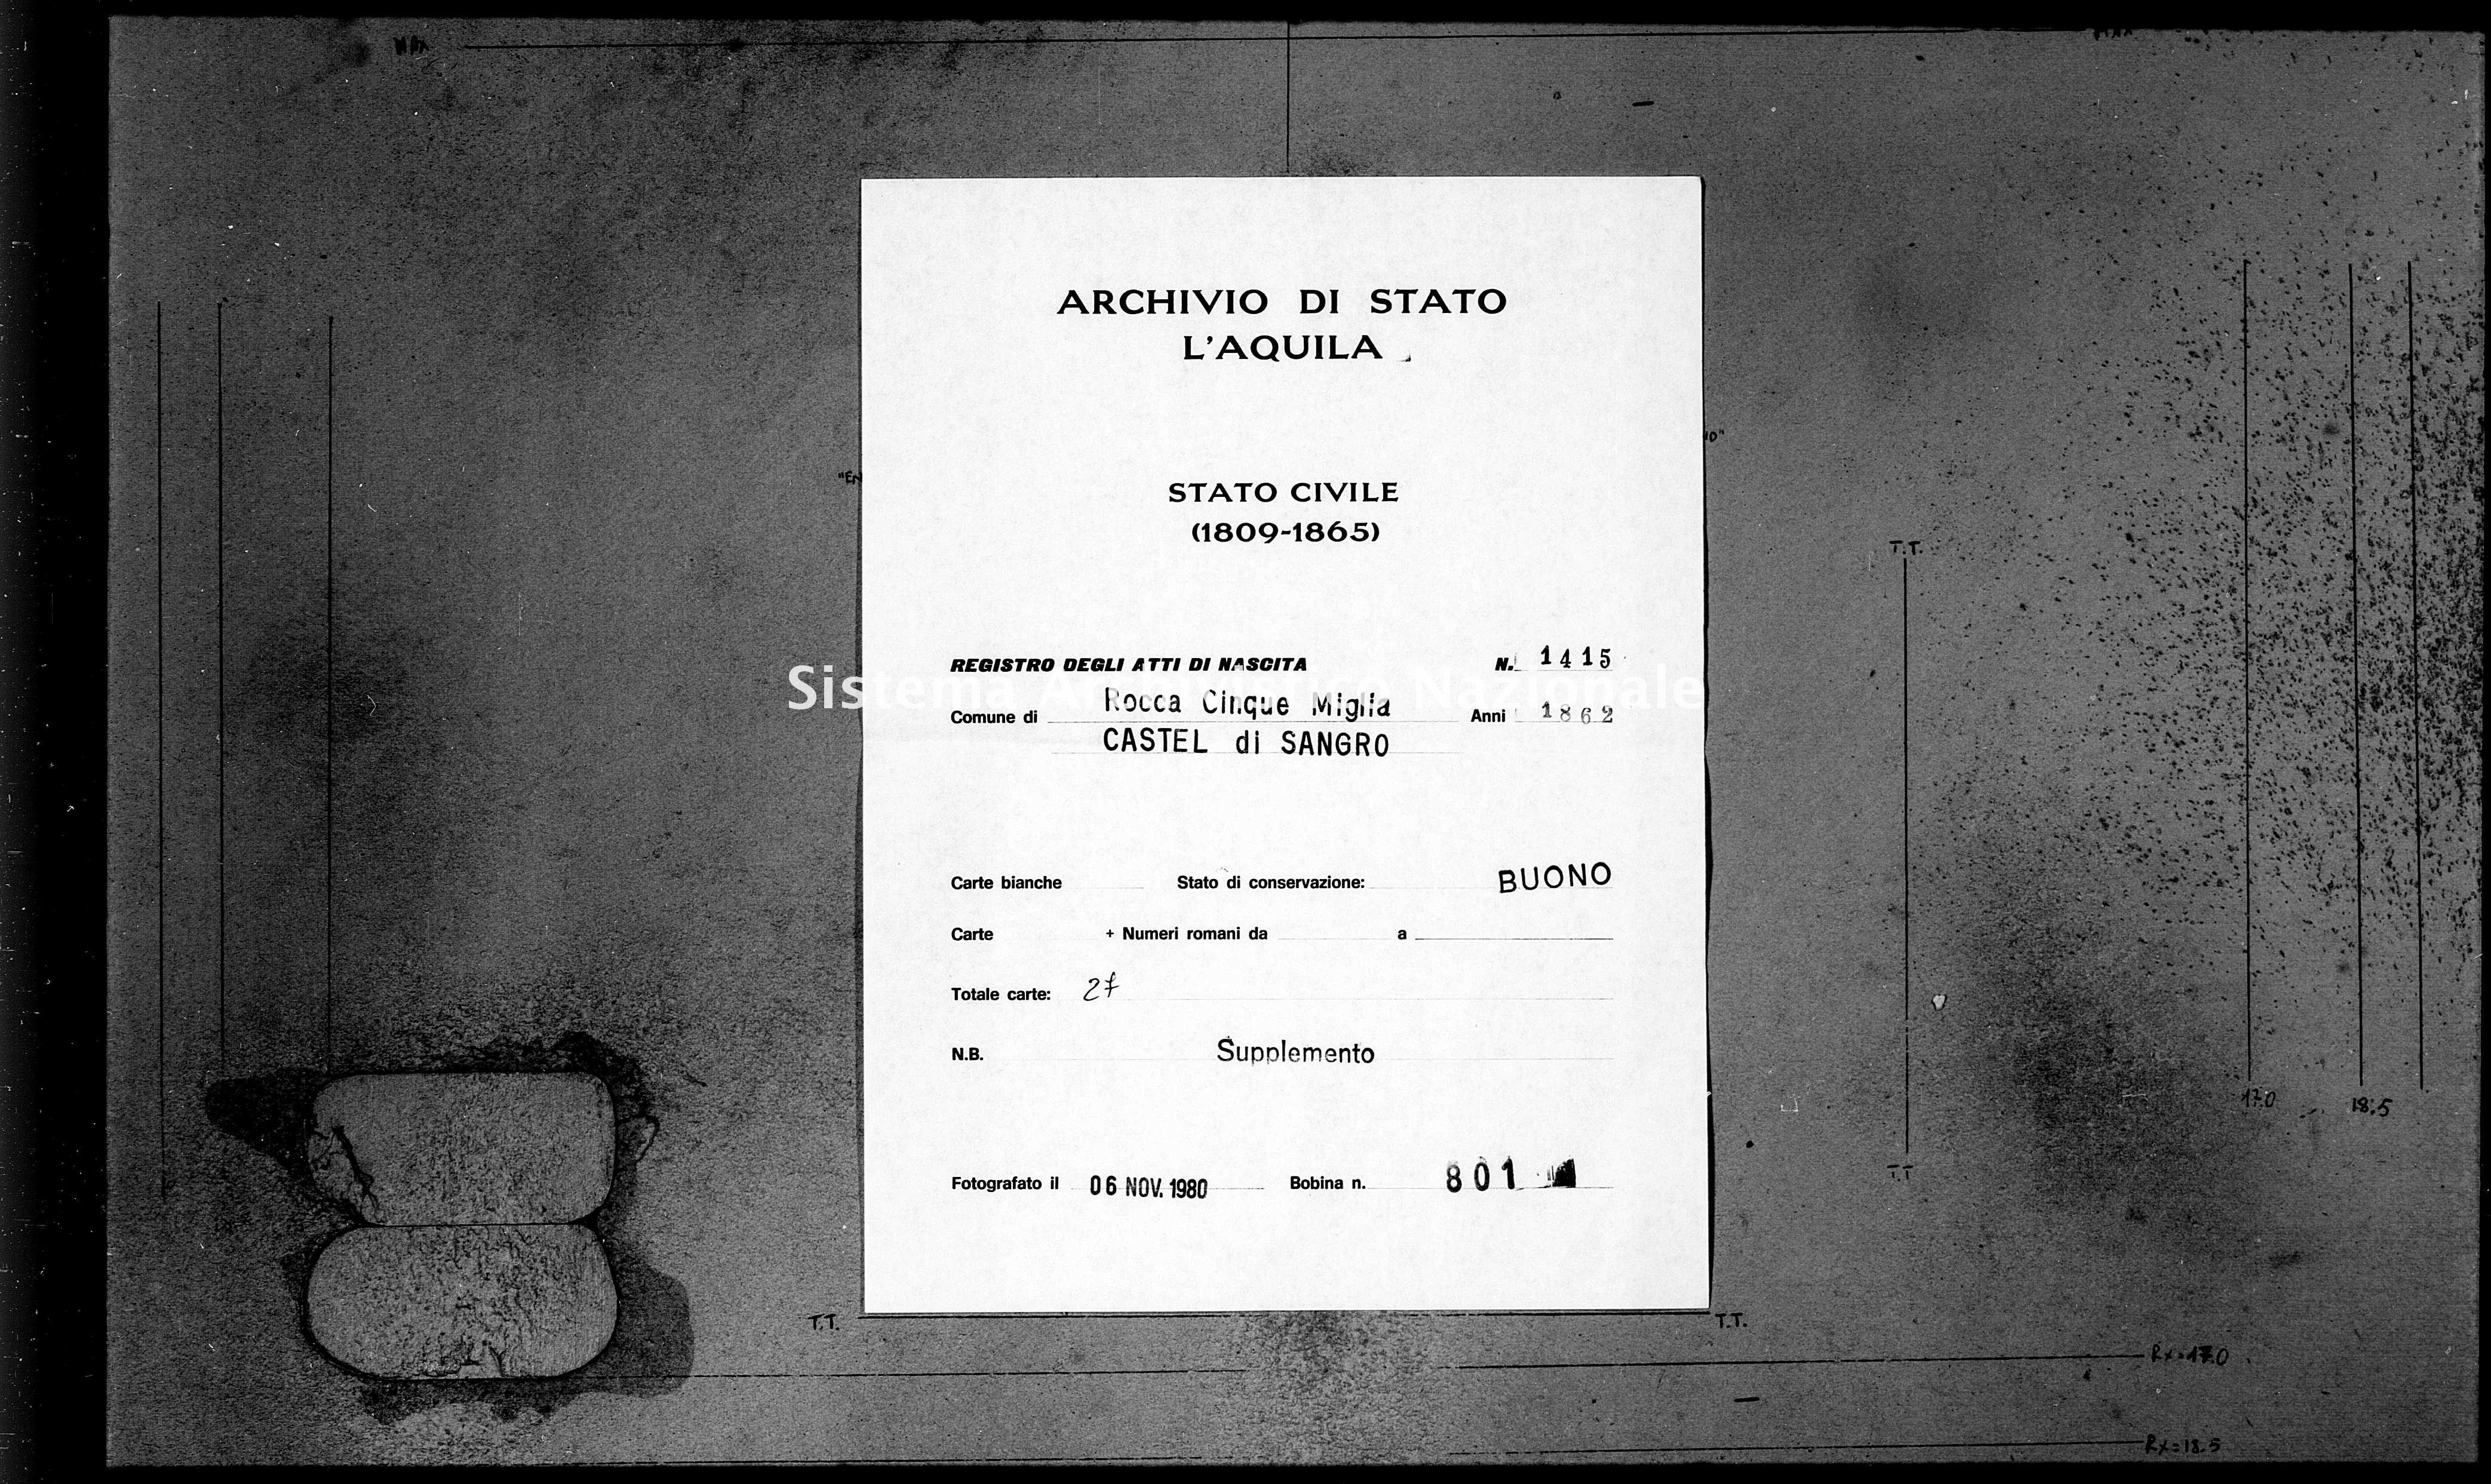 Archivio di stato di L'aquila - Stato civile italiano - Rocca Cinquemiglia - Nati, battesimi - 1862 - 1415 -